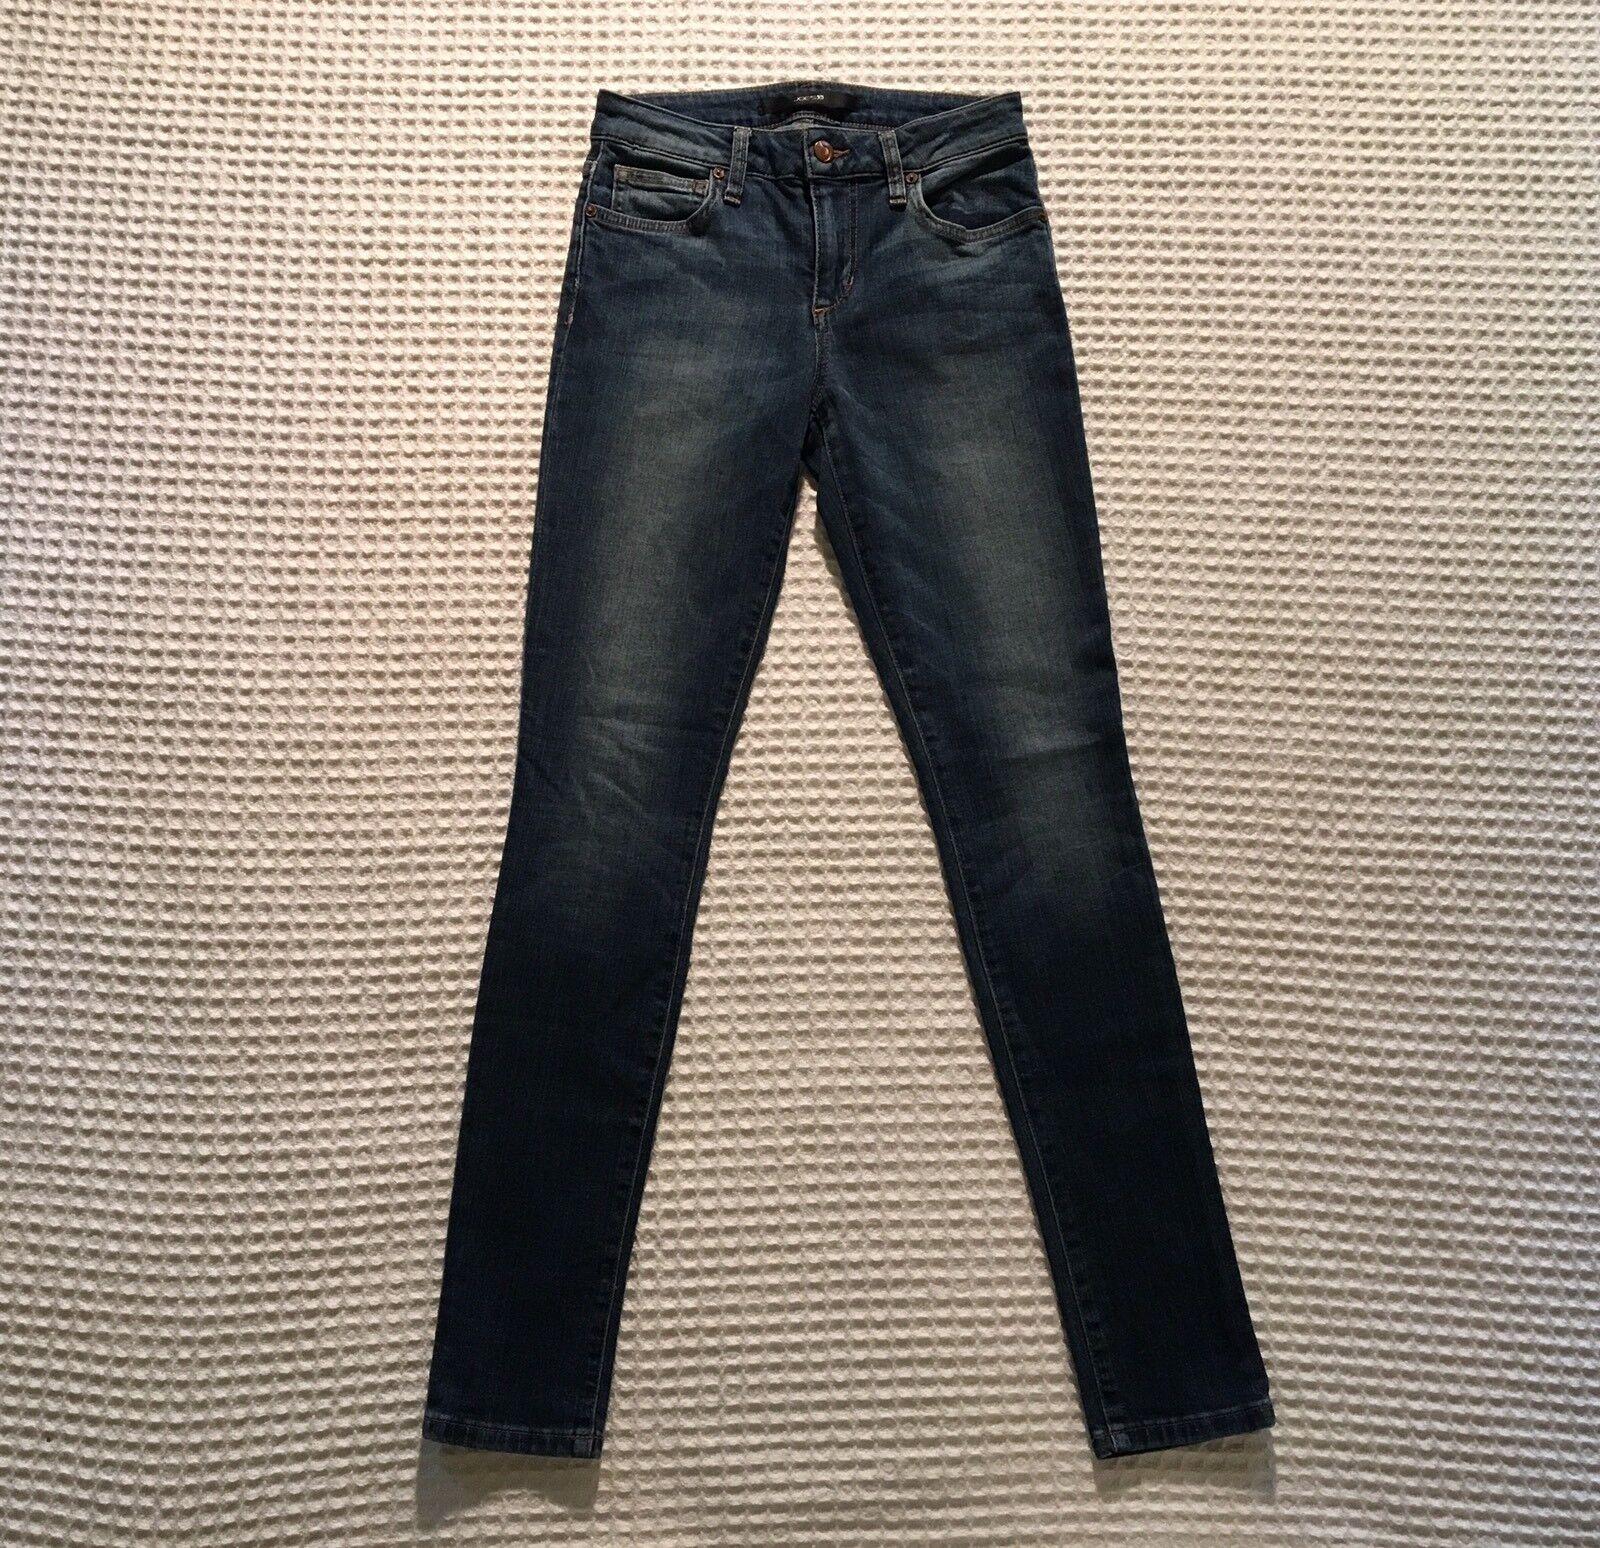 JOE'S Skinny Ankle Jeans  179 Averil Wash 26